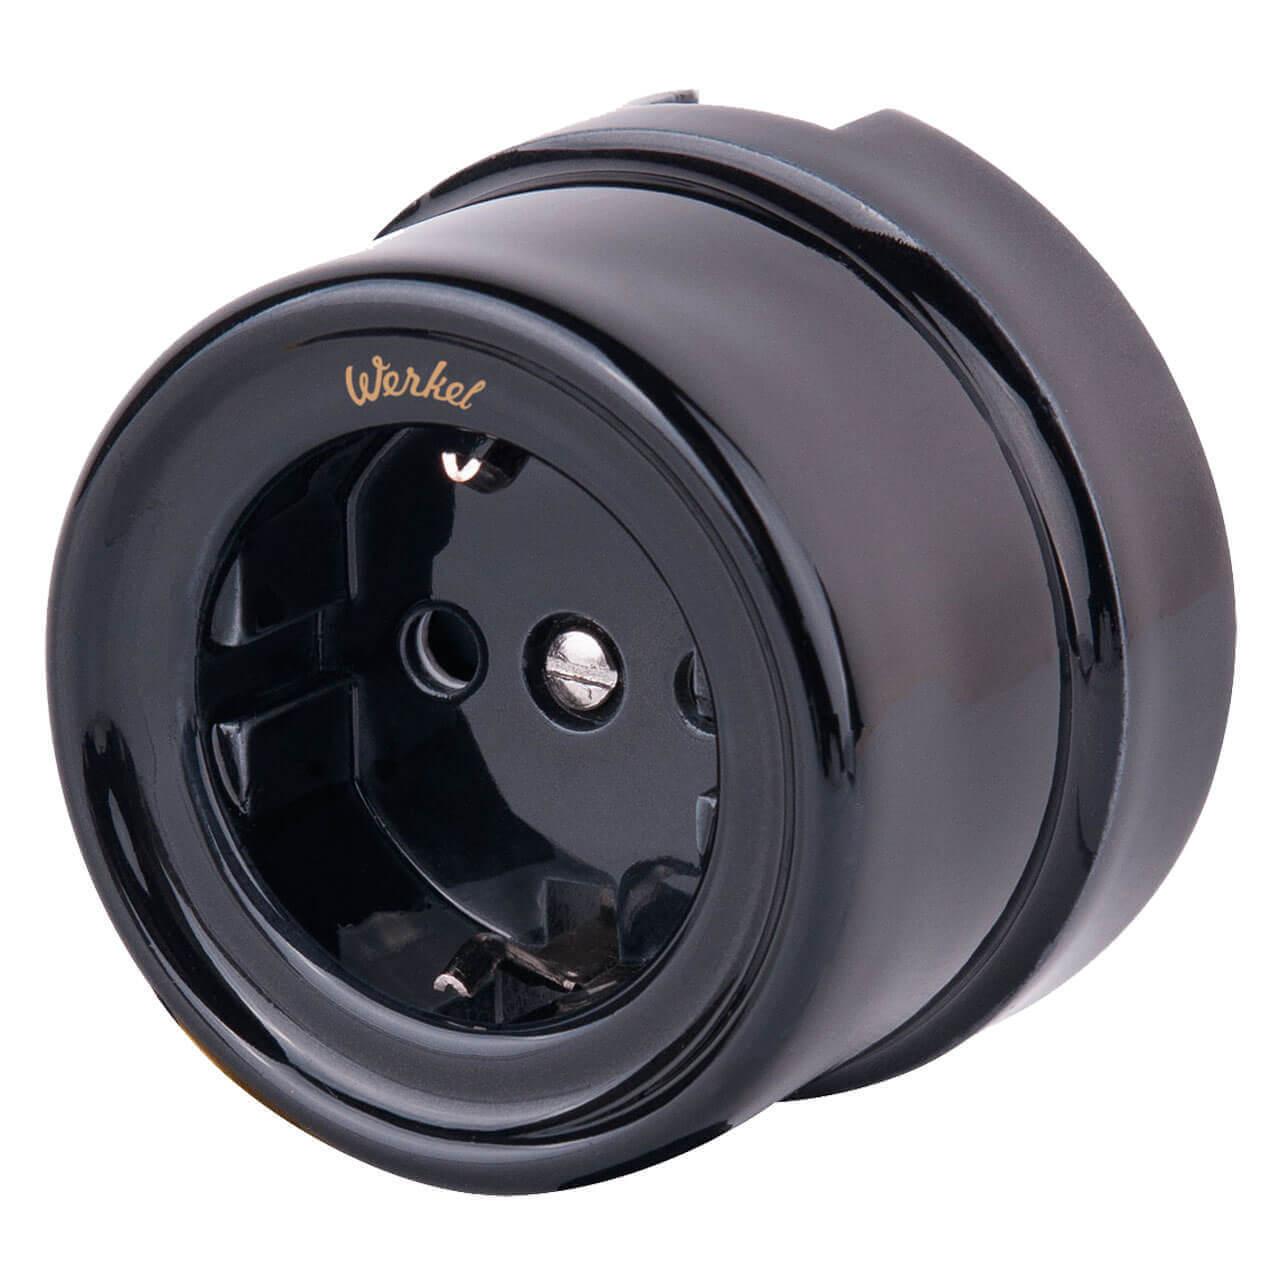 Розетка с заземлением и шторками Retro черная WL18-03-02 4690389100802 цена и фото